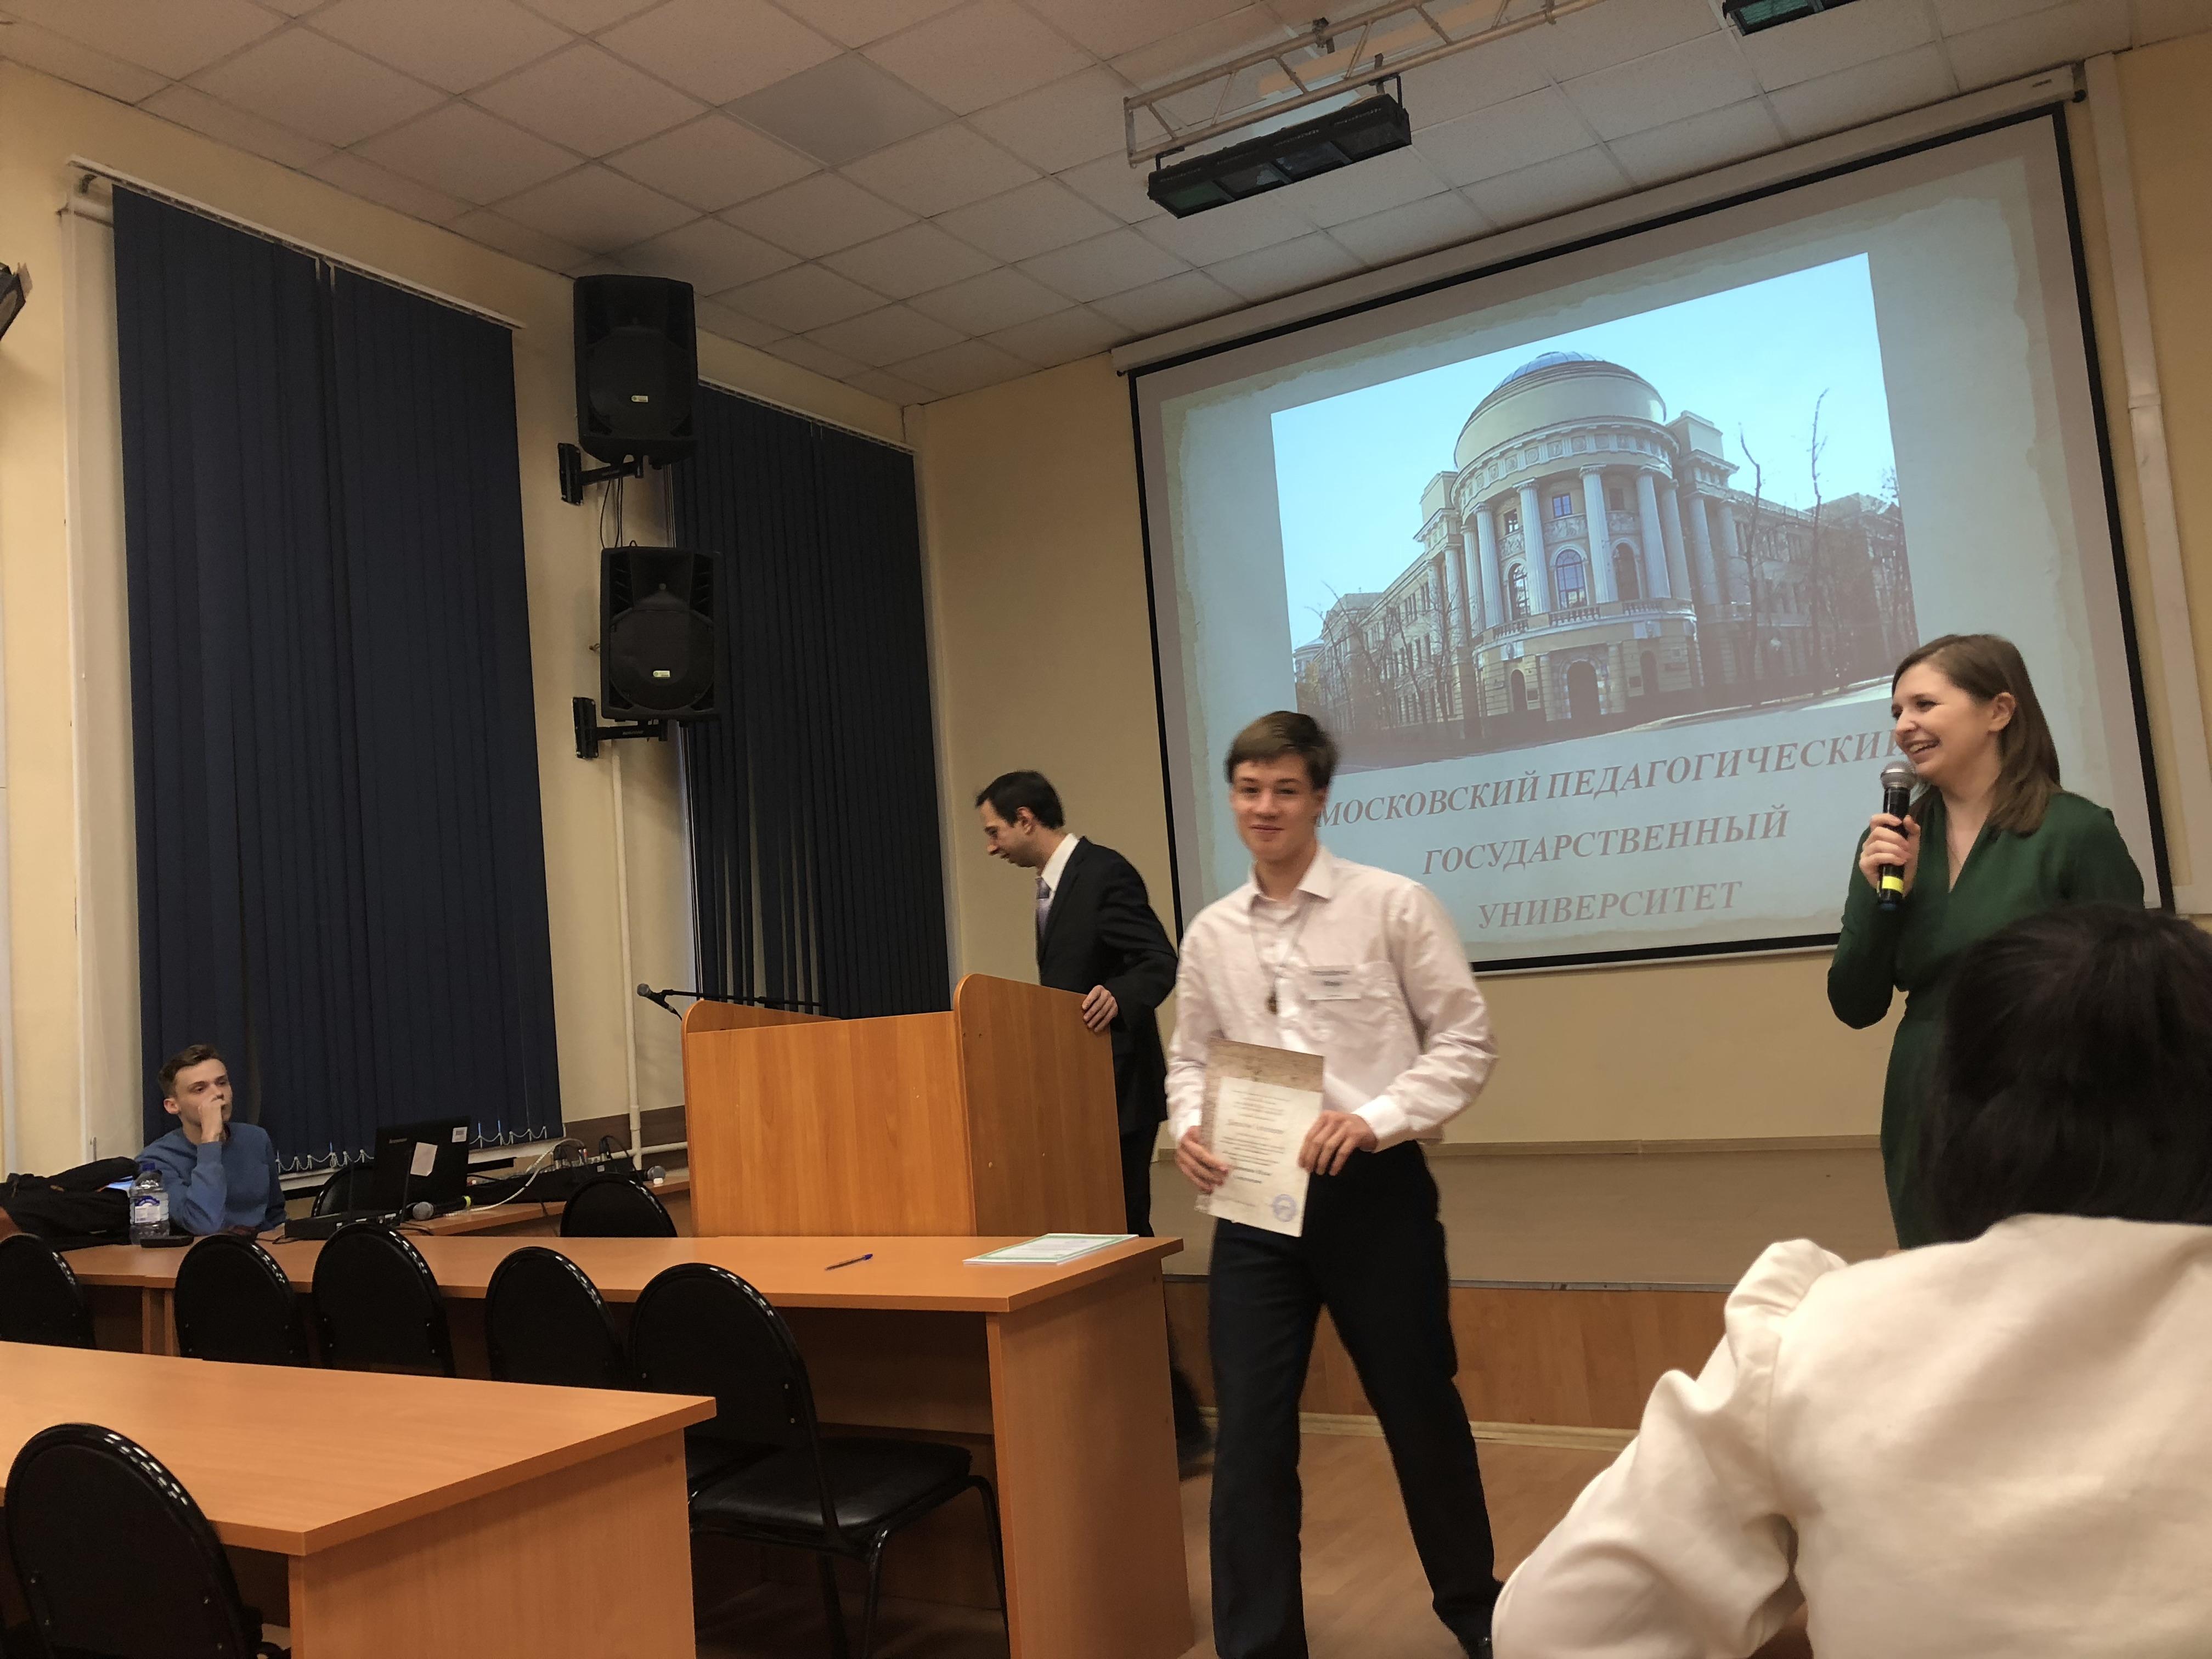 Диплом за первое место получает Илья Атрошенко